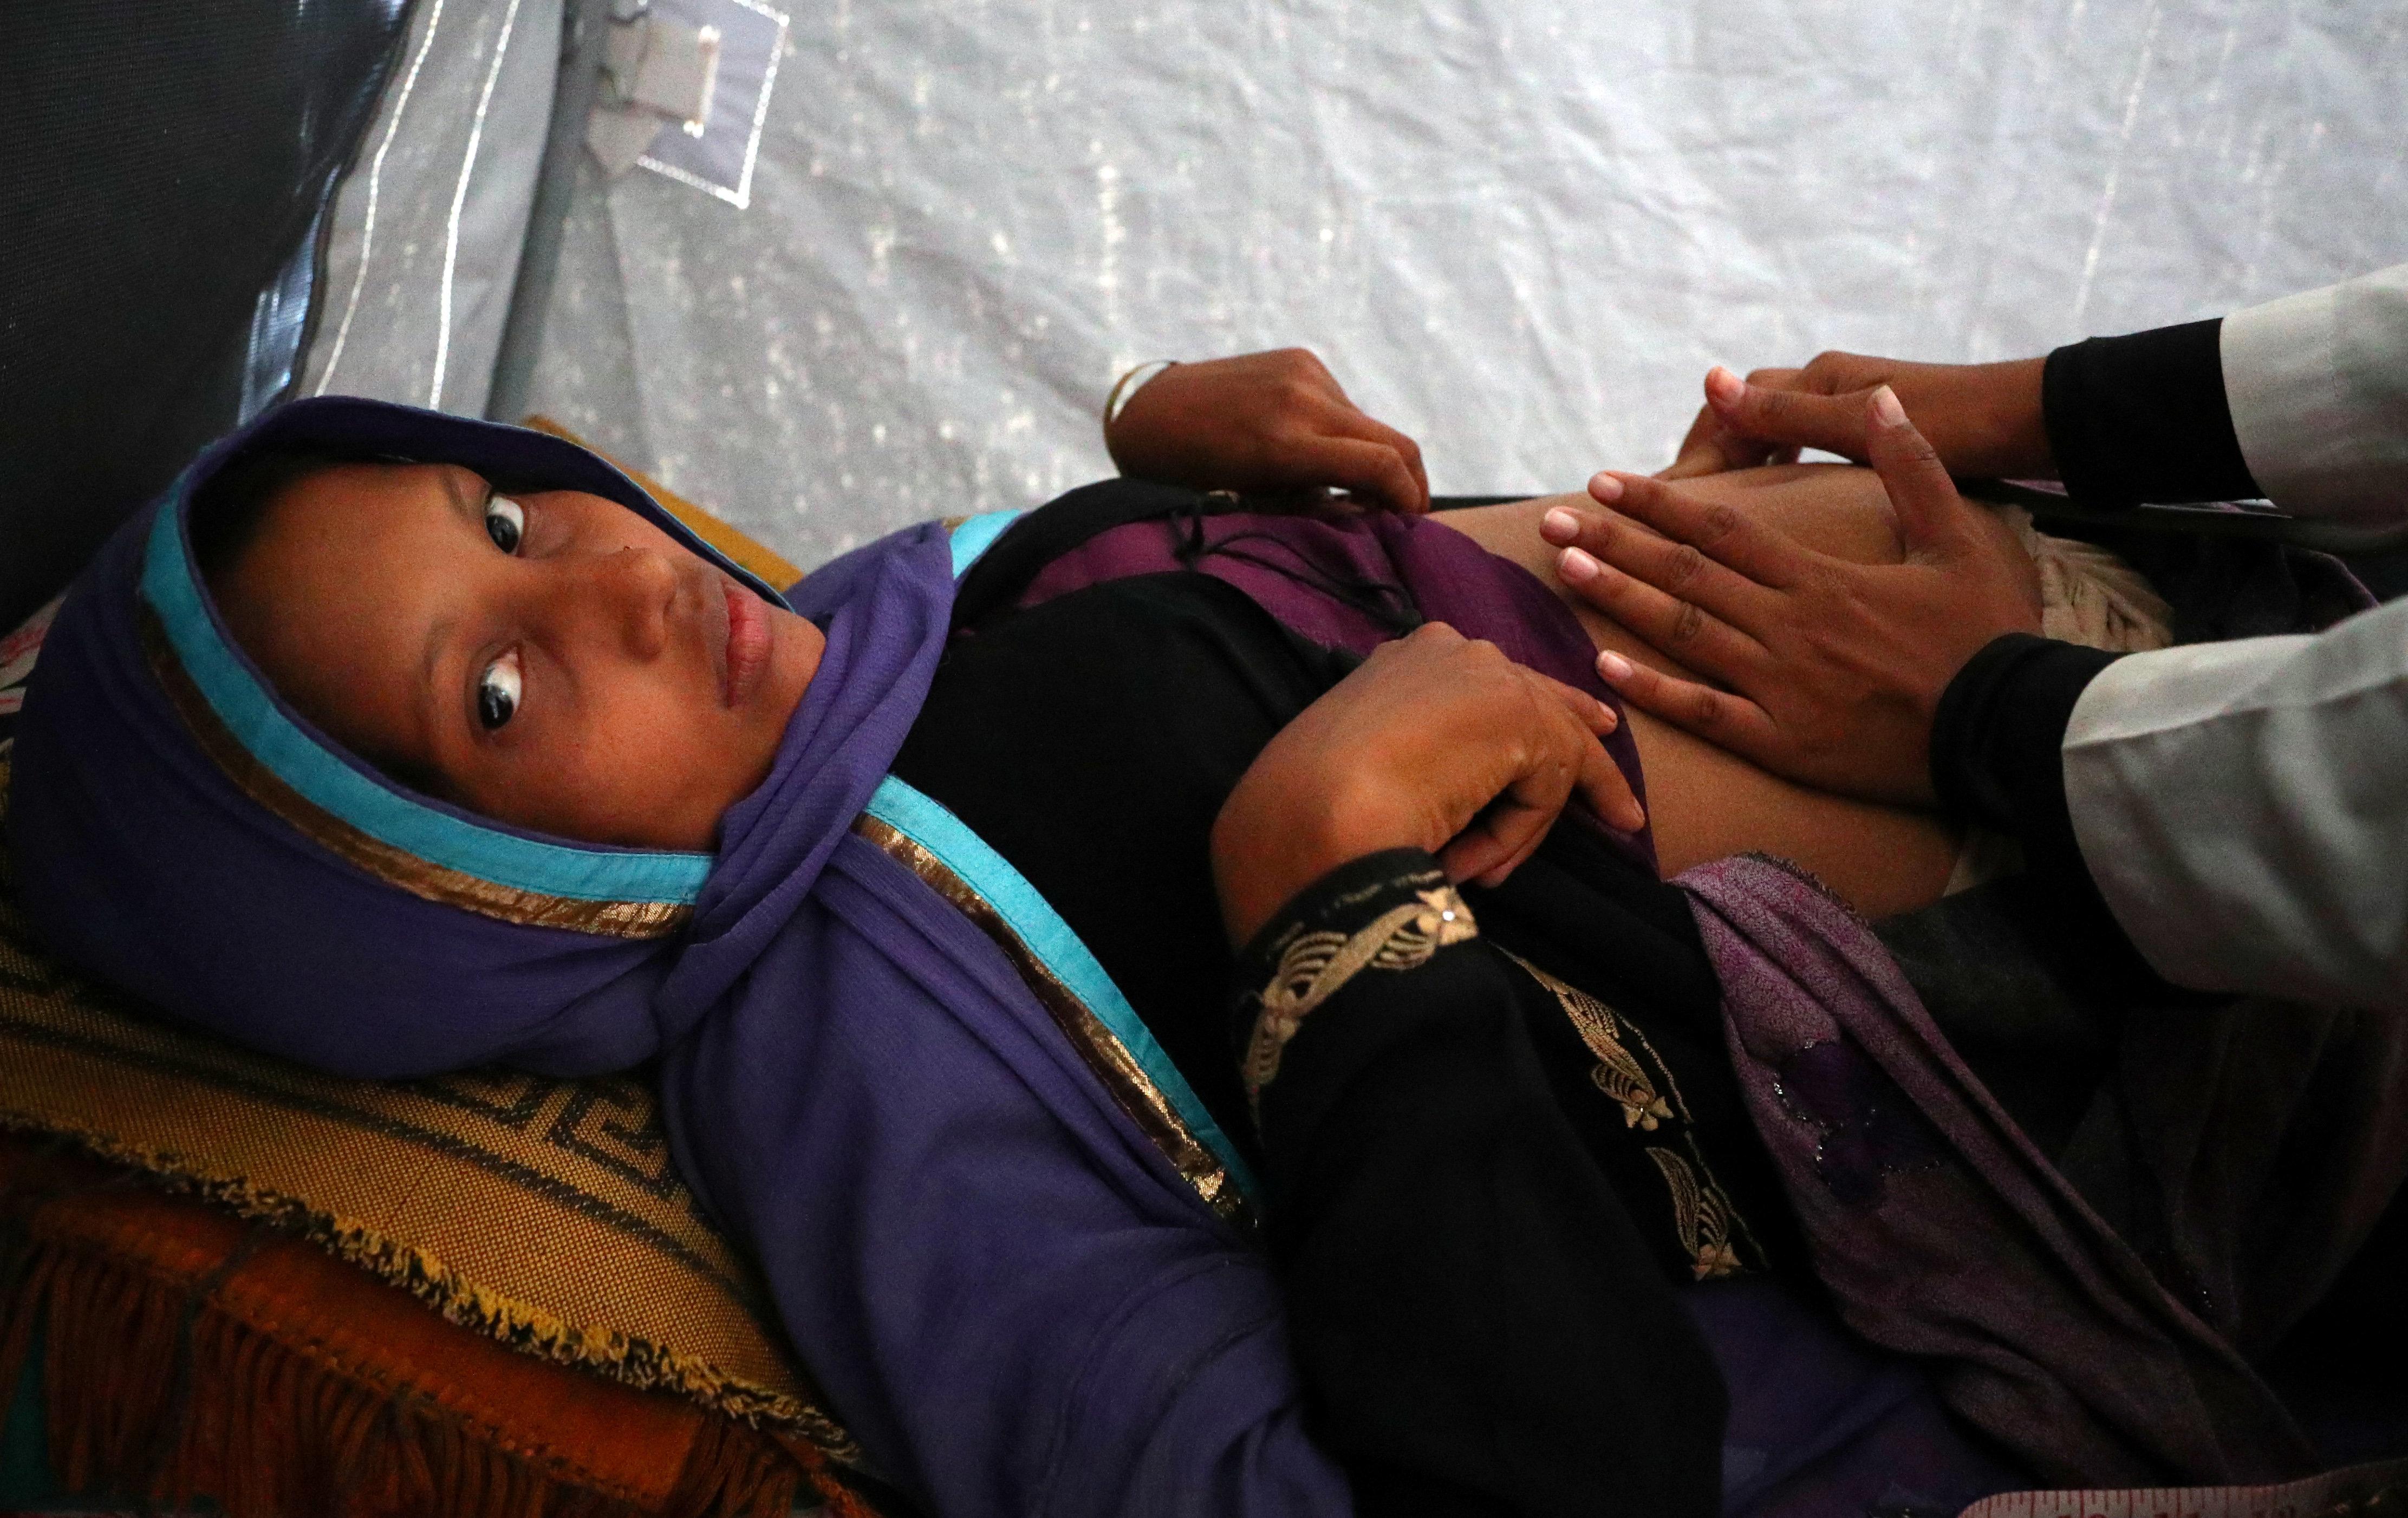 «Στρατιώτες με έπιασαν και με βίασαν...κράτησα το παιδί»: Μαρτυρία μιας Ροχίνγκια για τις κτηνωδίες στη